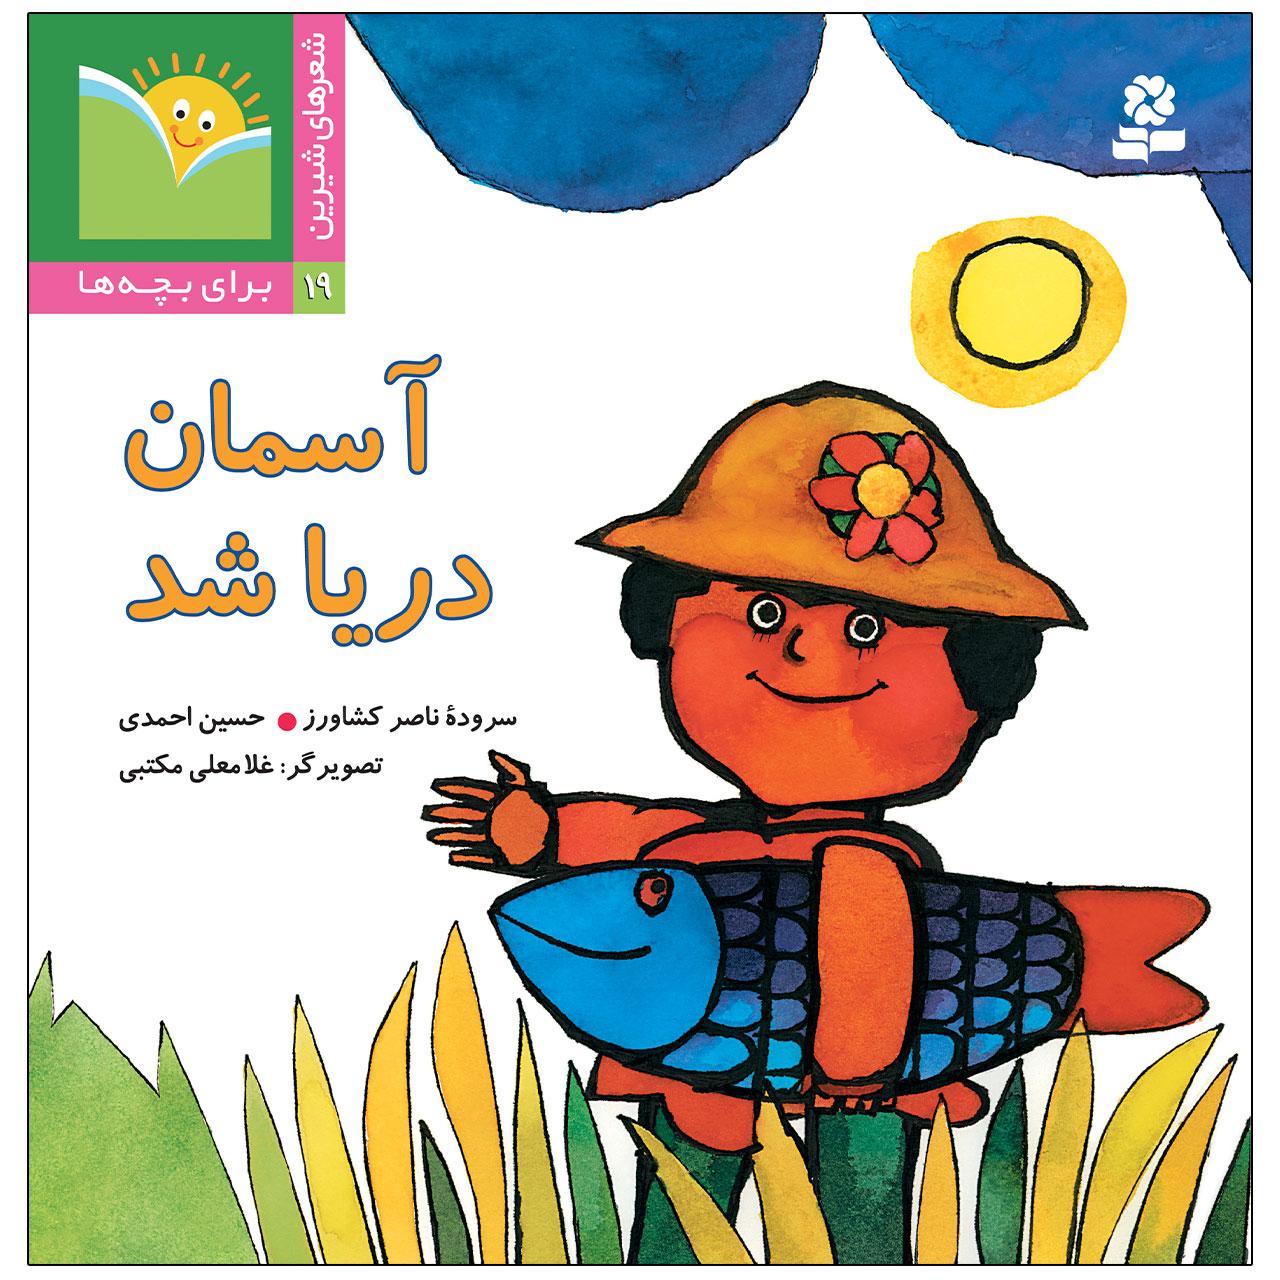 خرید                      کتاب شعرهای شيرين 19 آسمان دريا شد اثر حسین احمدی انتشارات قدیانی